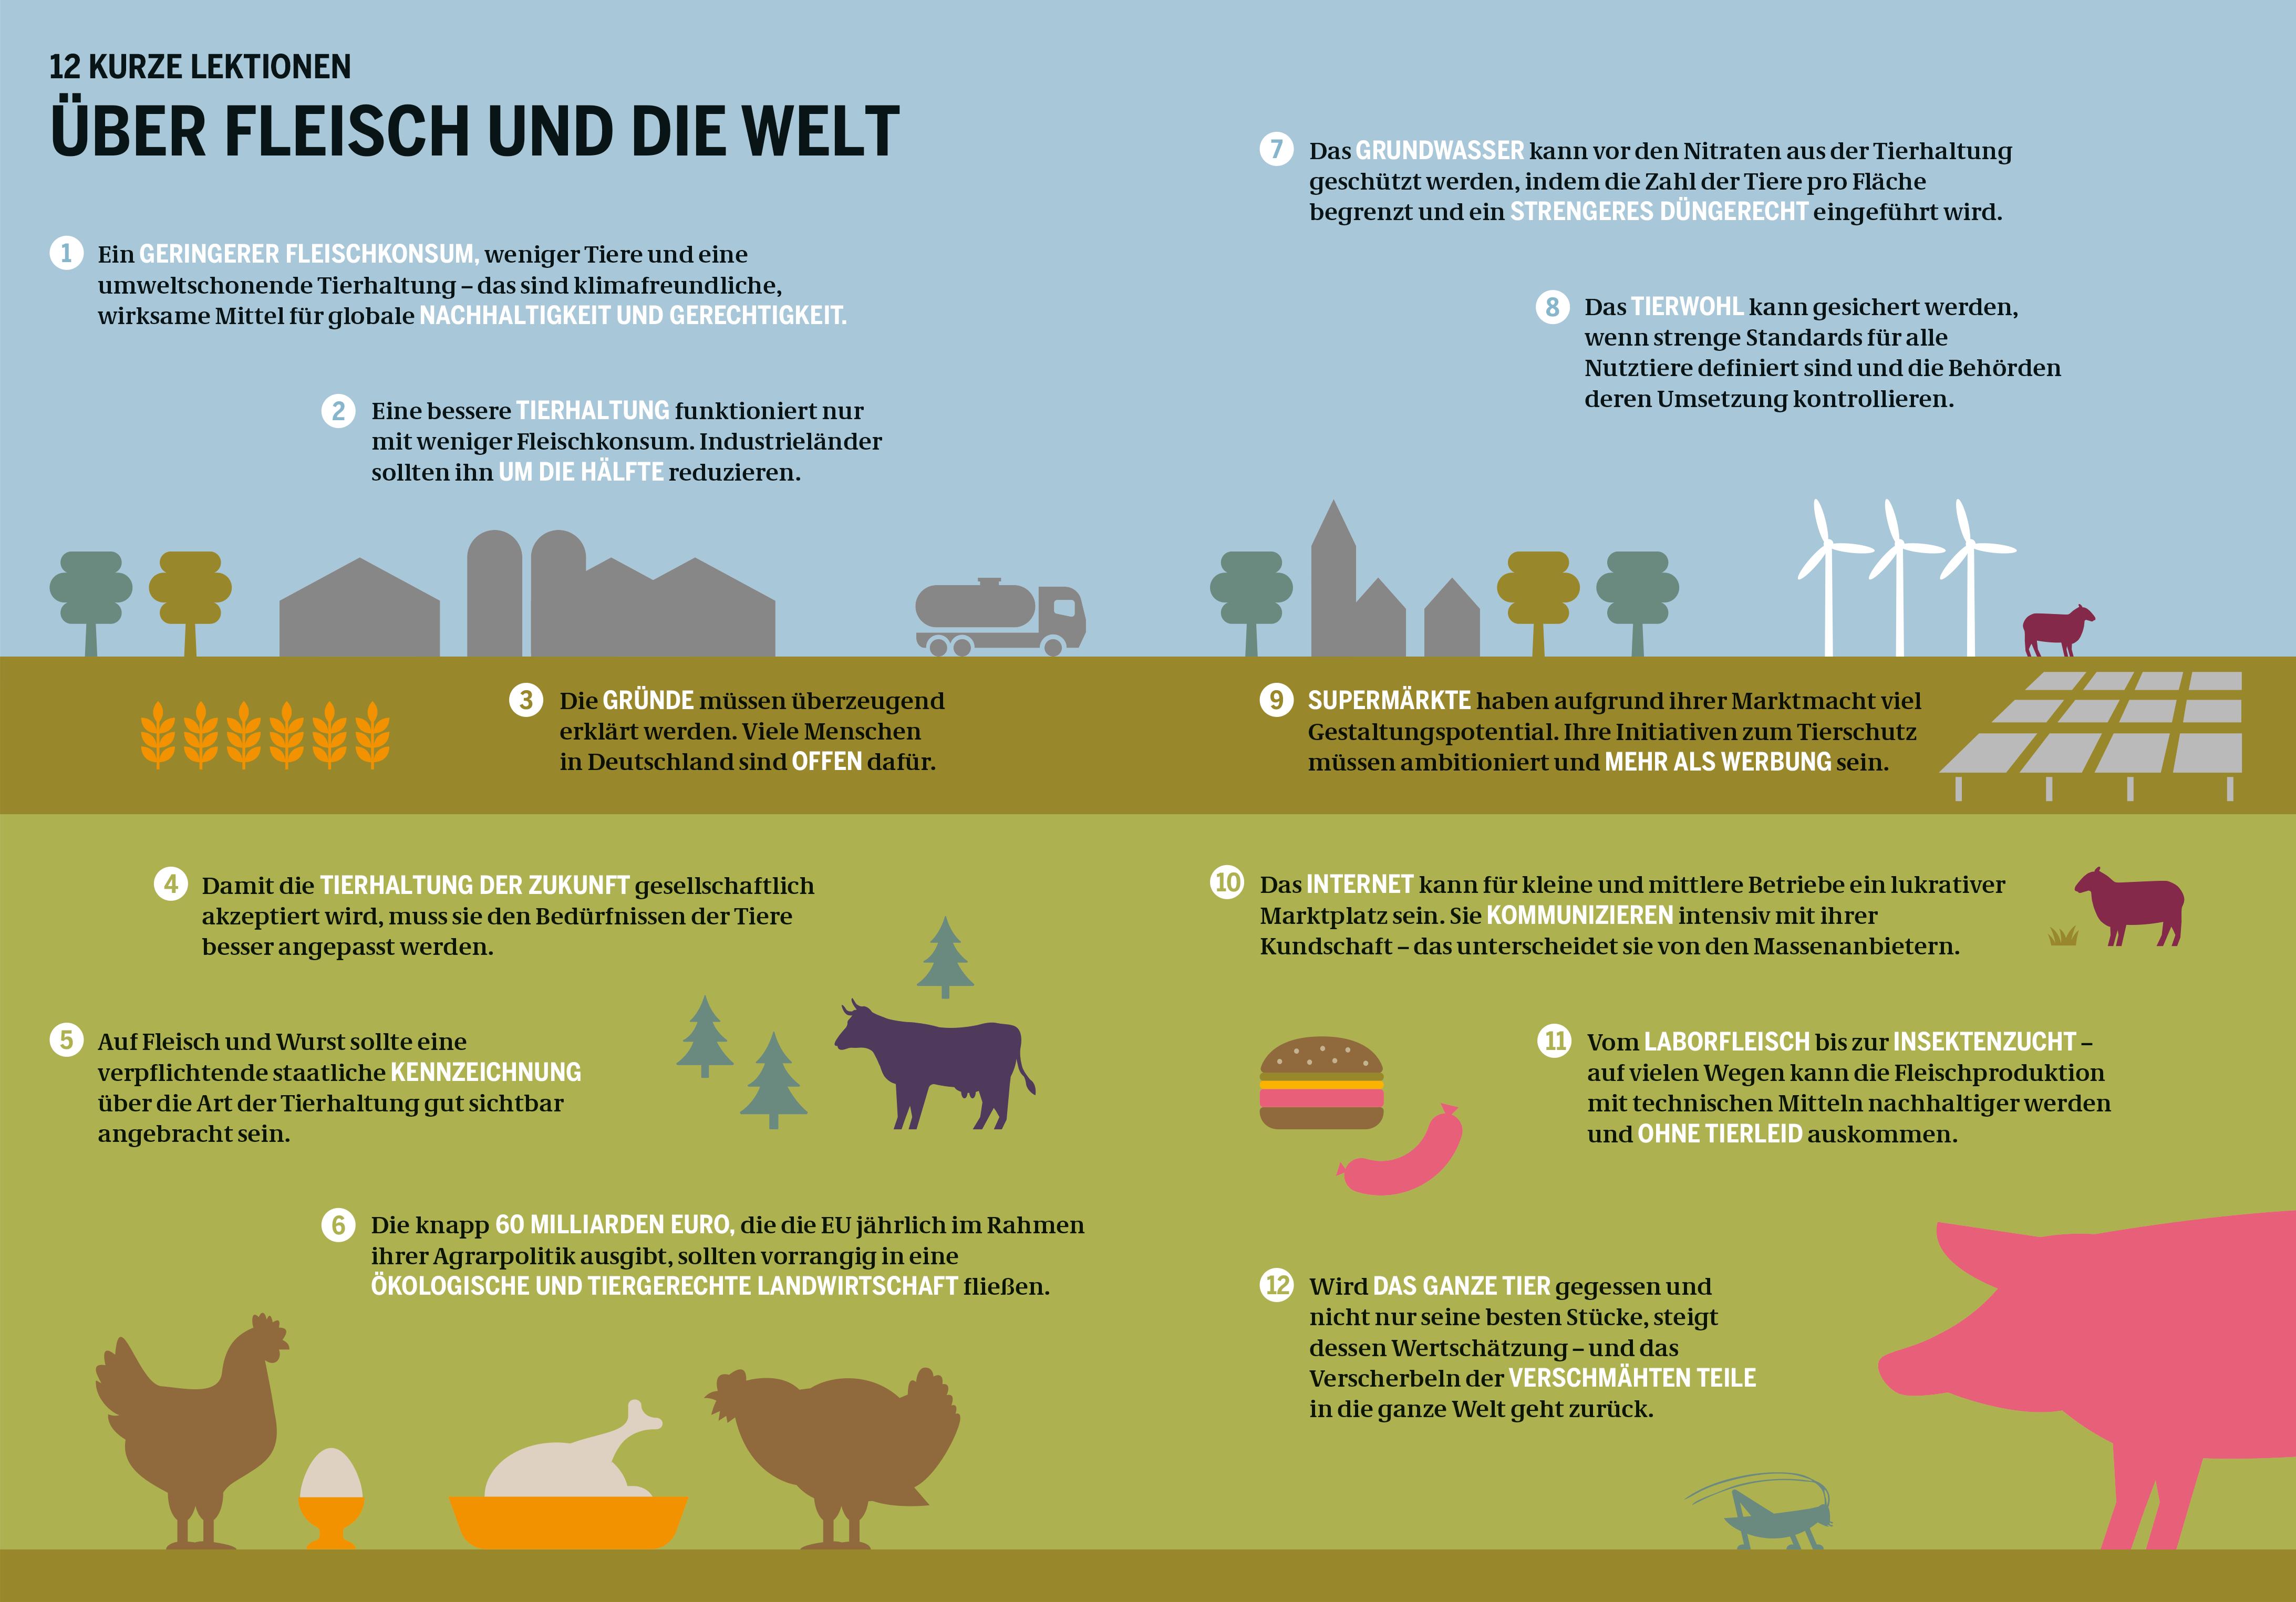 Fleischkonsum Abfall Und Verschwendung Heinrich Boll Stiftung Fleisch Massentierhaltung Tiere Retten